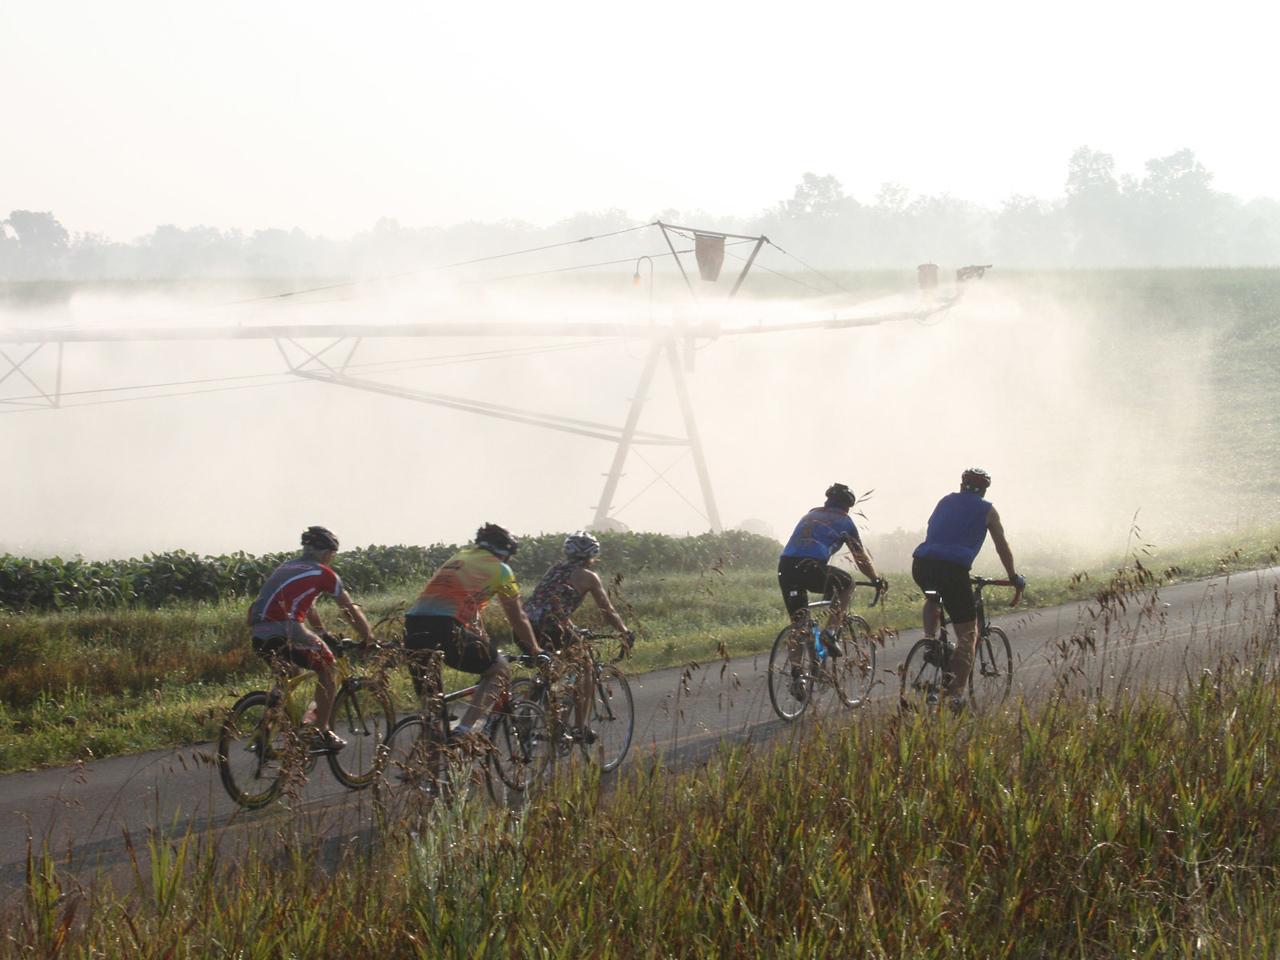 Cooling mist